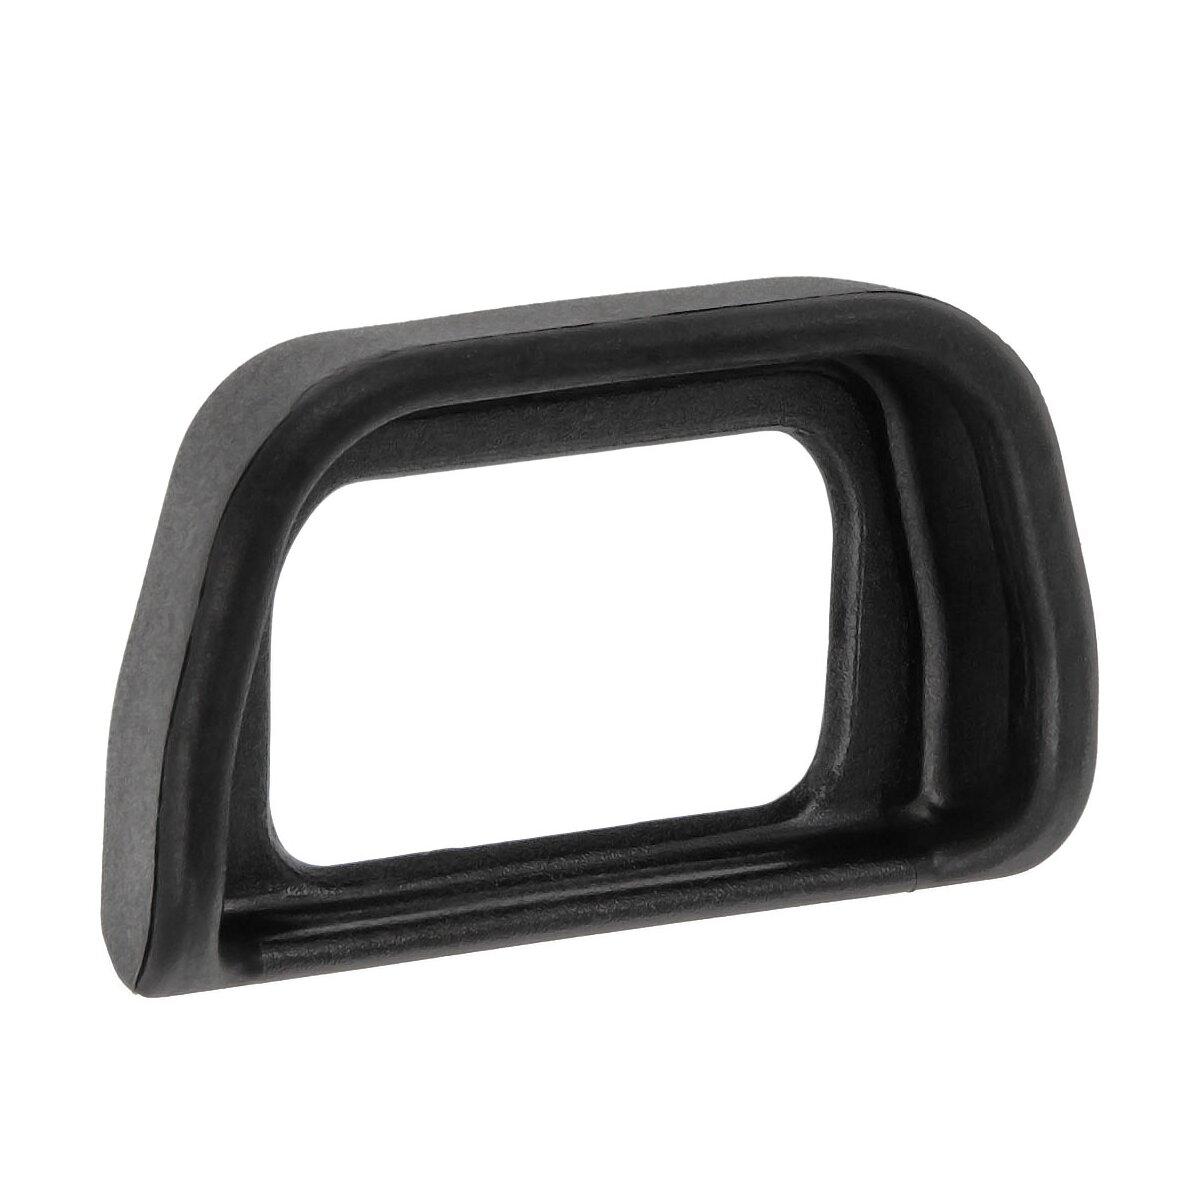 JJC Augenmuschel, Okularmuschel ersetzt Sony FDA-EP10 | Okularkappe geeignet für alle Sony FDA-EP10-kompatiblen Sony-DSLM-Kameras - ES-EP10